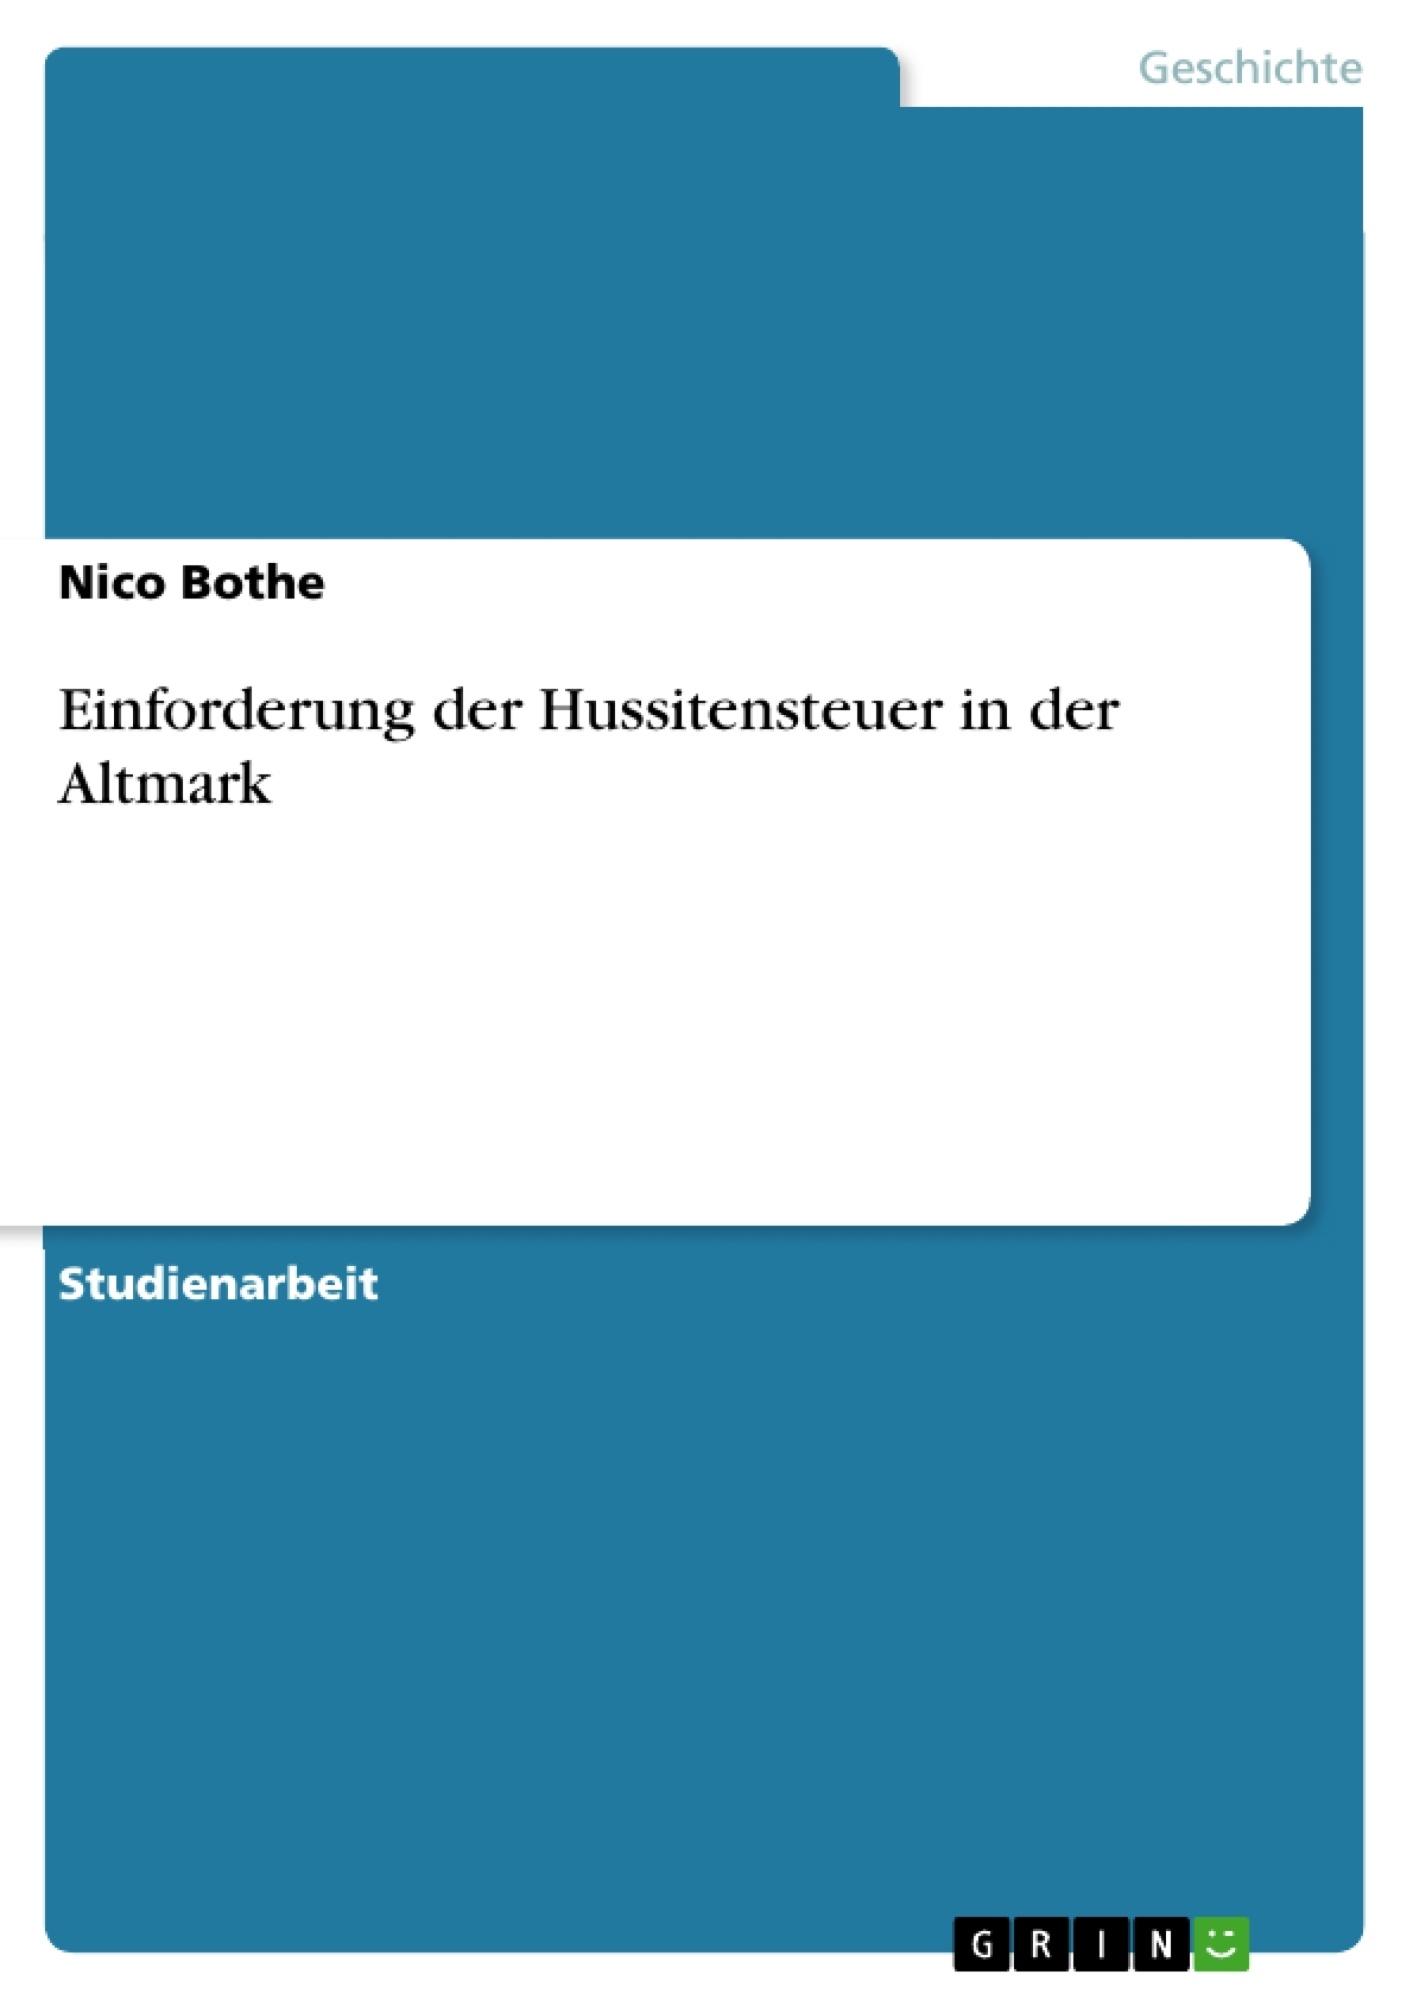 Titel: Einforderung der Hussitensteuer in der Altmark